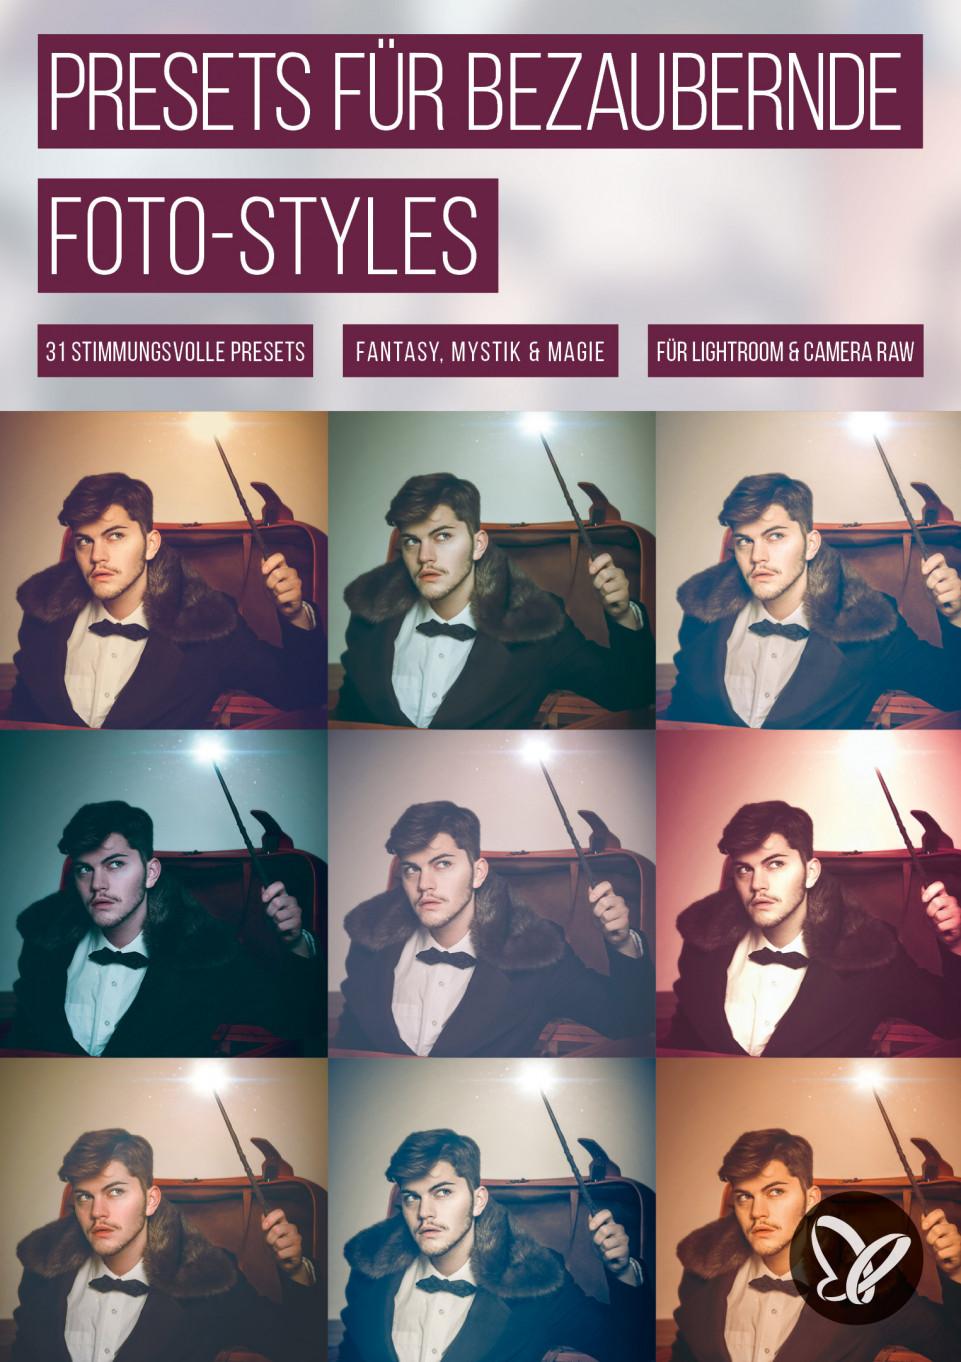 Bezaubernde Styles: Presets für Lightroom und Camera Raw